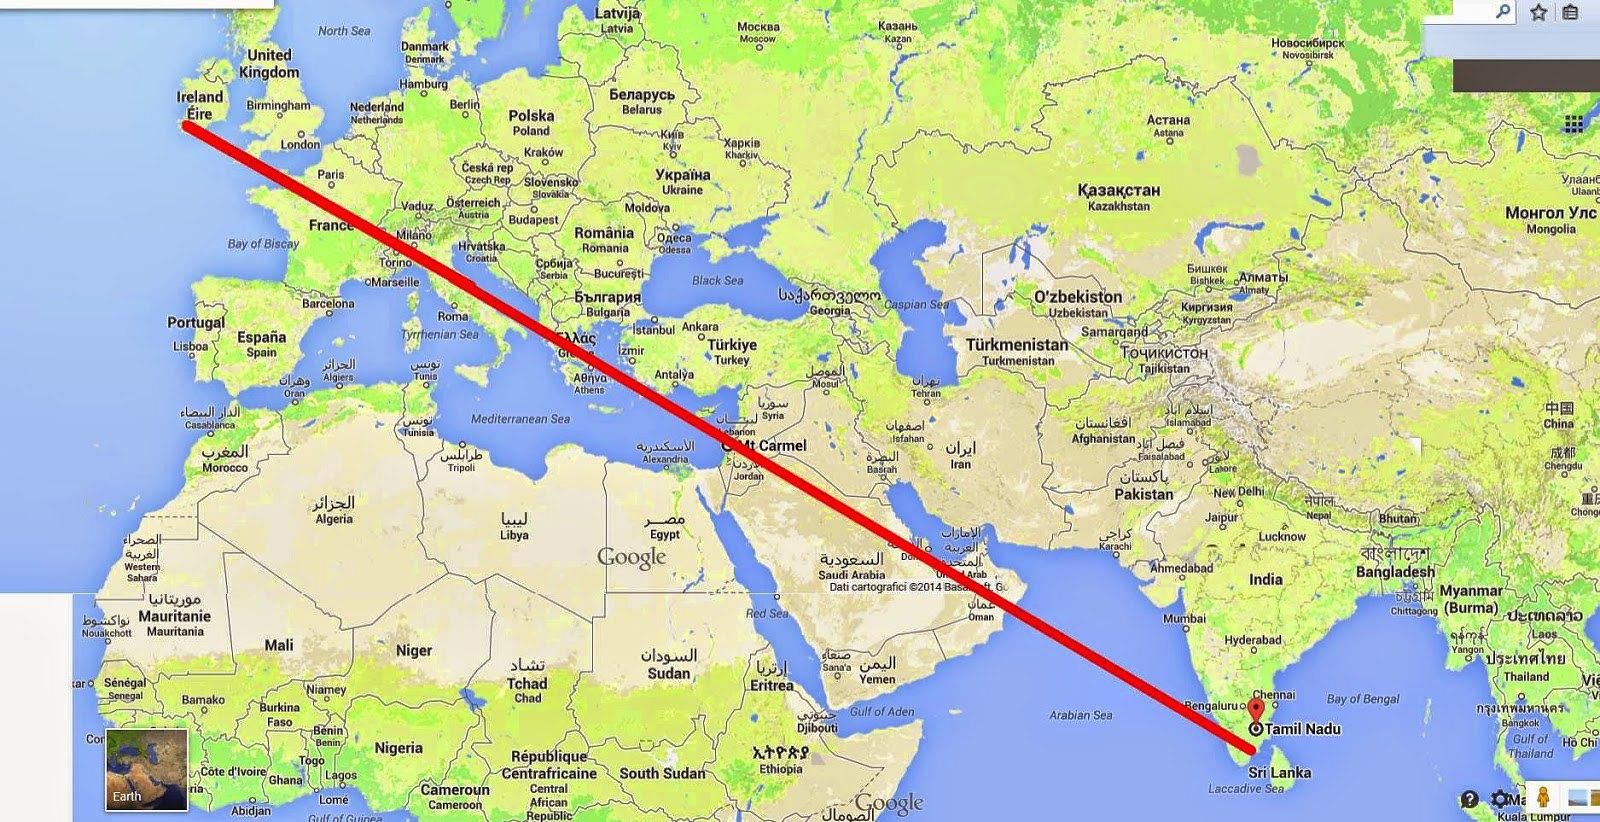 Các Ðền Thánh Micae làm thành đường thẳng trên bản đồ